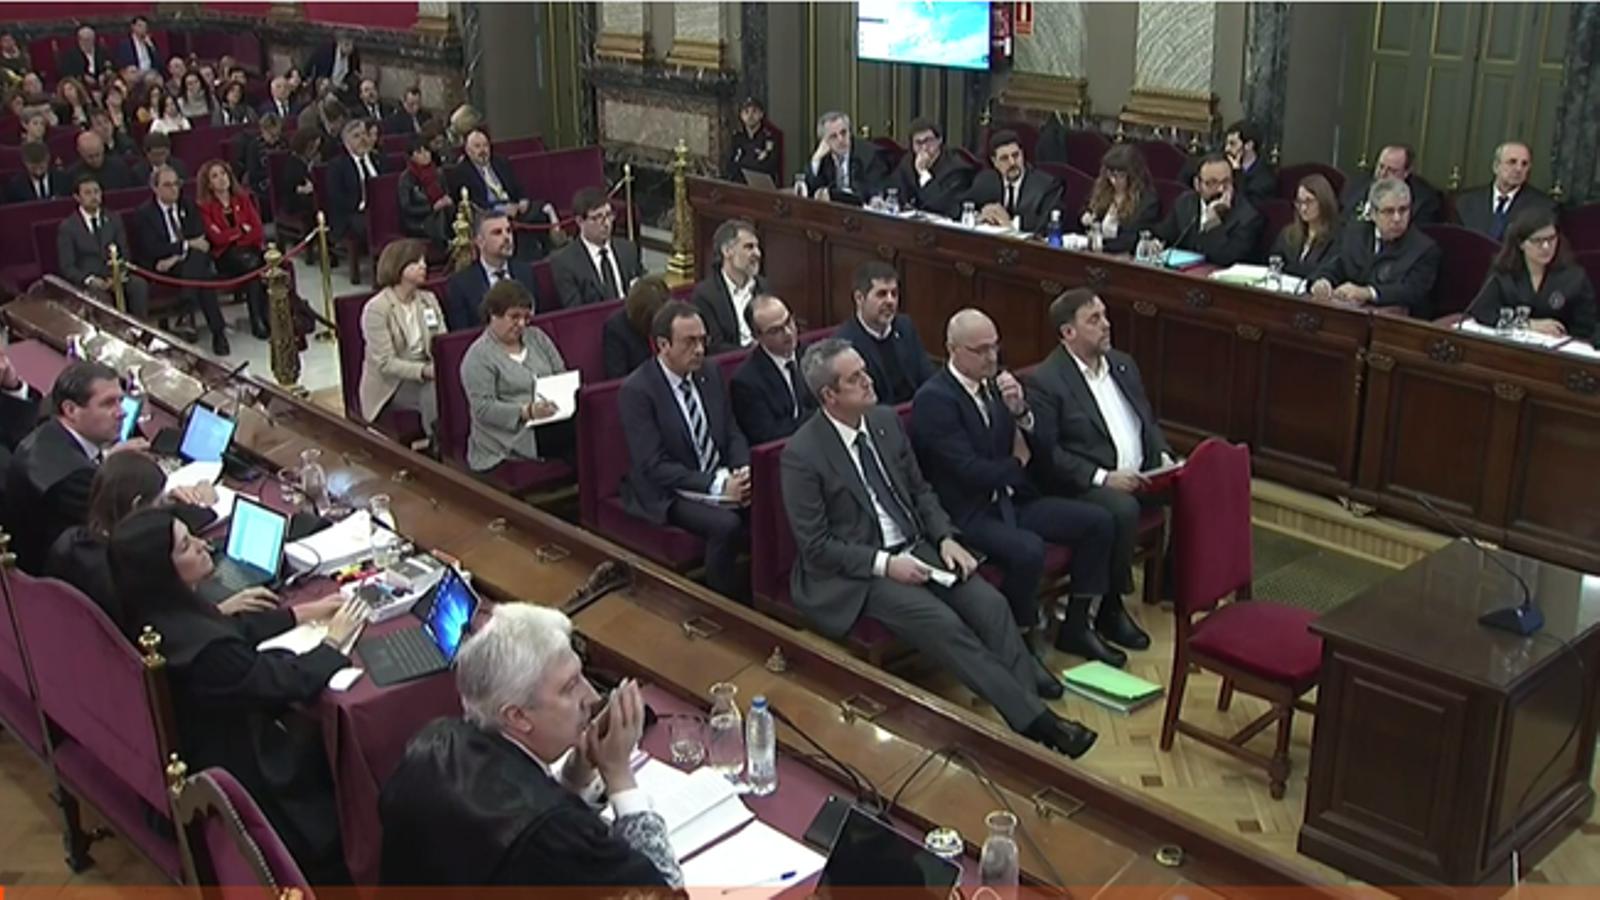 El govern espanyol rebutja que ERC i JxCat facin campanya a Soto del Real i Alcalá-Meco